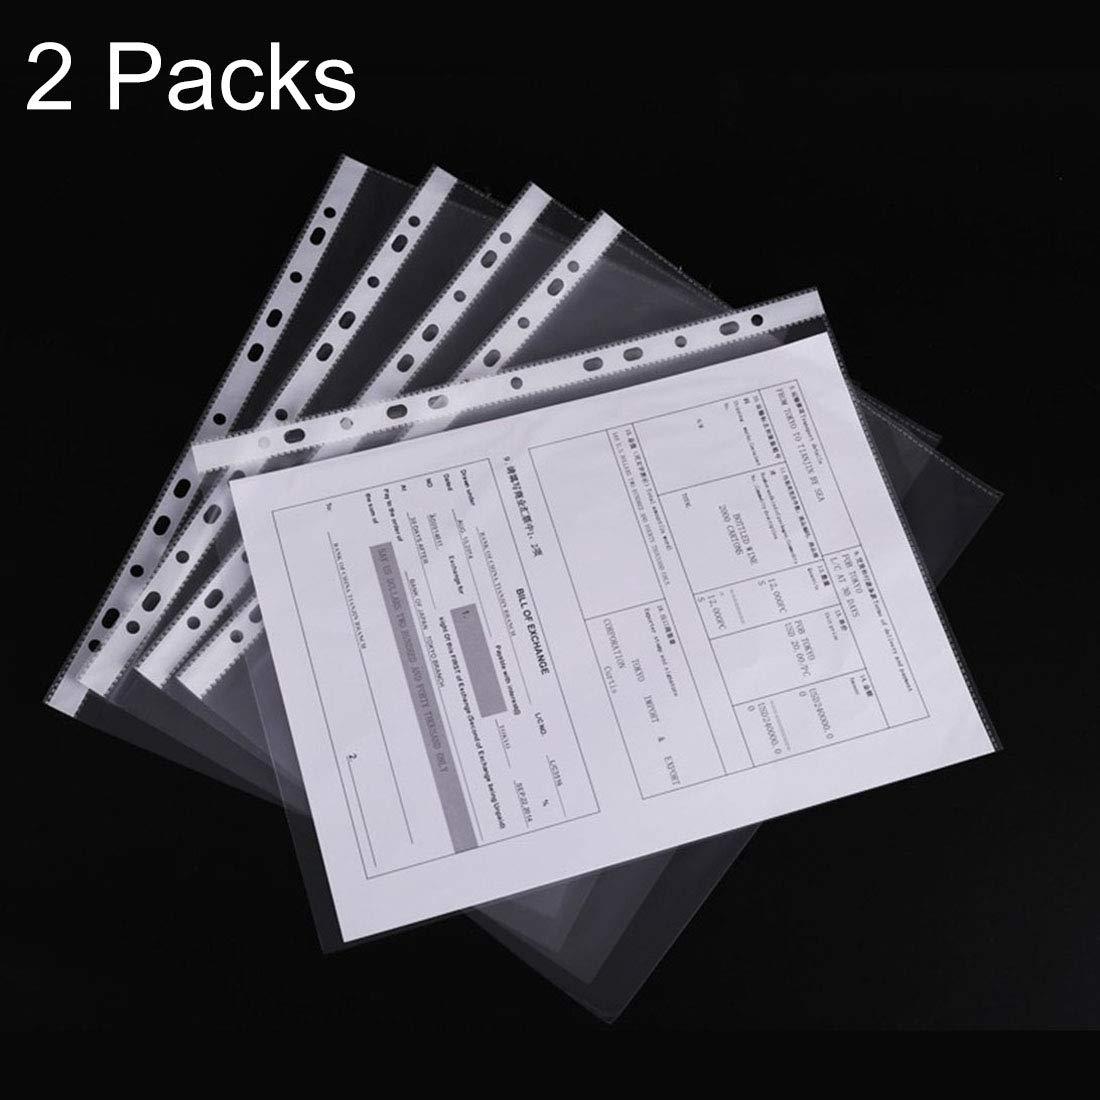 Bella PVC 2 confezioni da ufficio trasparenti da 11 fori, adatto per la protezione di file in fogli sciolti formato A4, circa 100 pezzi confezione. Portatile.